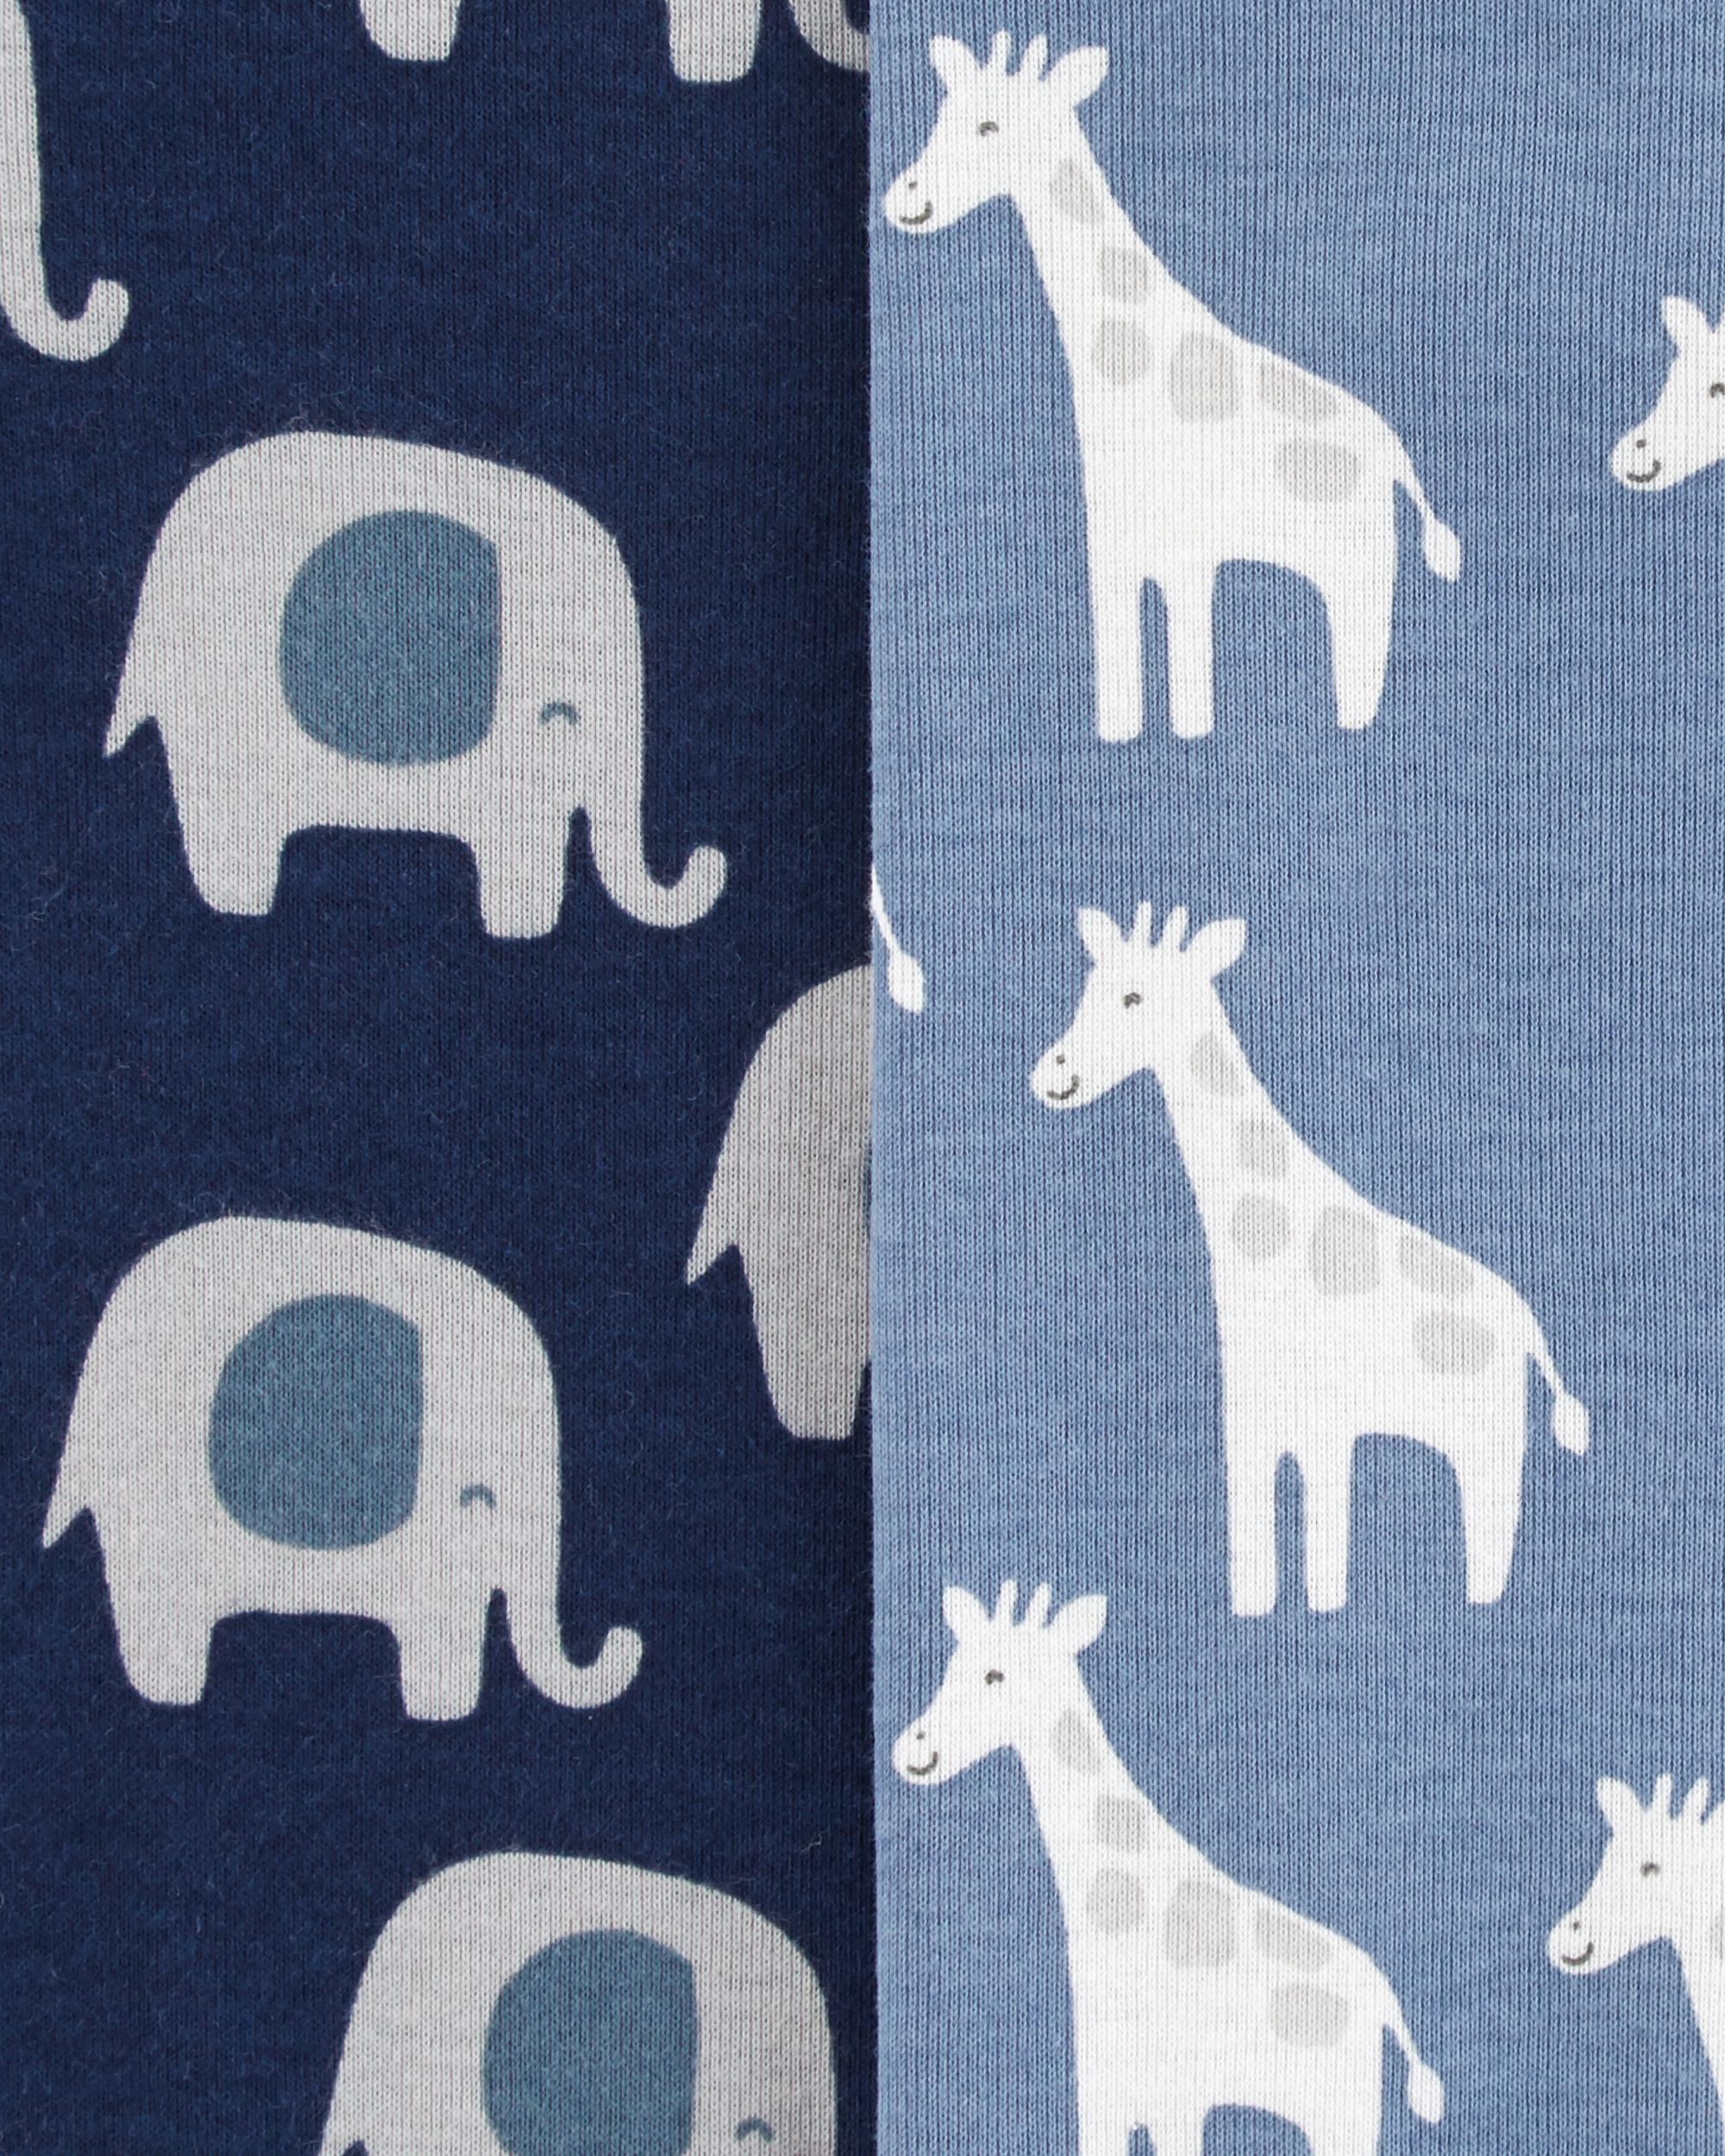 Kit 4 Bodies De Algodão Manga Longa Elefantes E Girafas Carter's